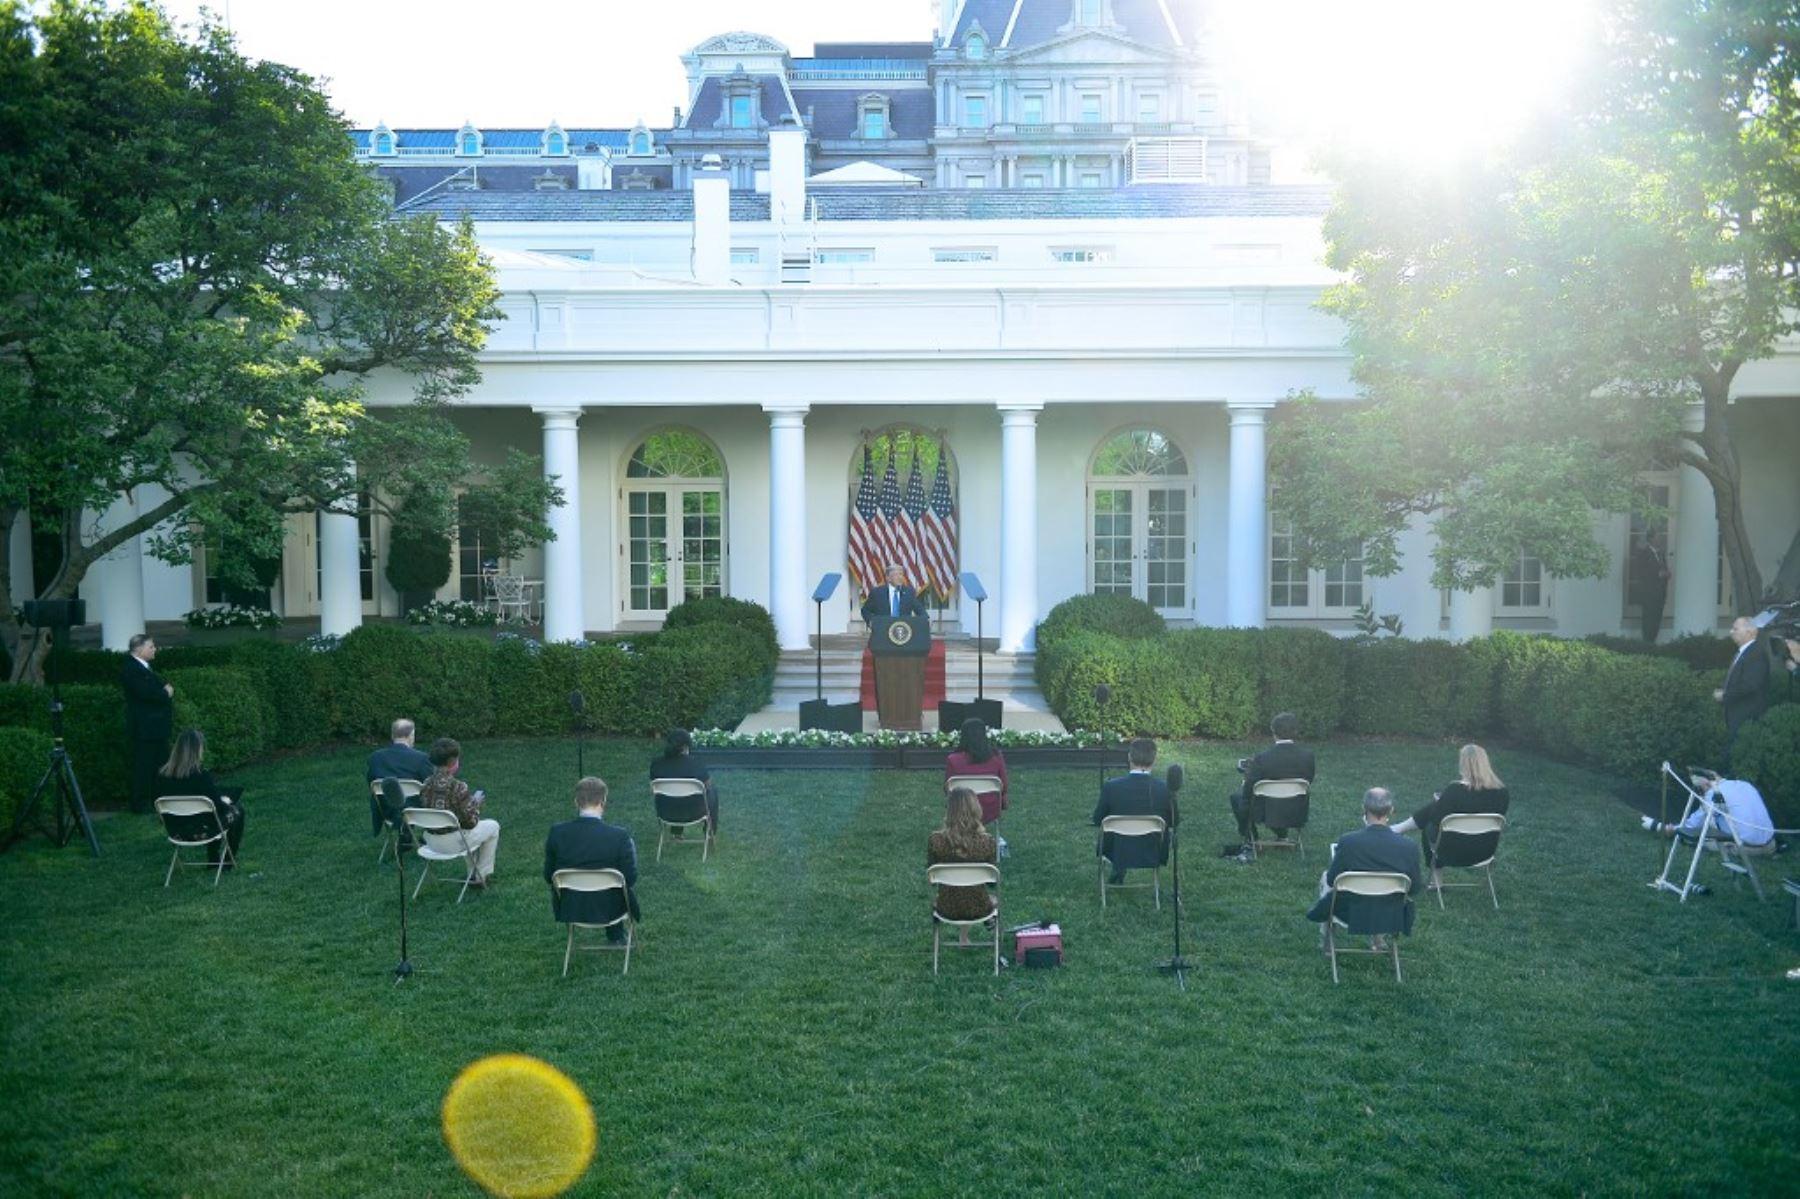 El presidente de los Estados Unidos, Donald Trump, hace declaraciones frente a los medios de comunicación en el Jardín de las Rosas de la Casa Blanca en Washington, DC. Foto: AFP